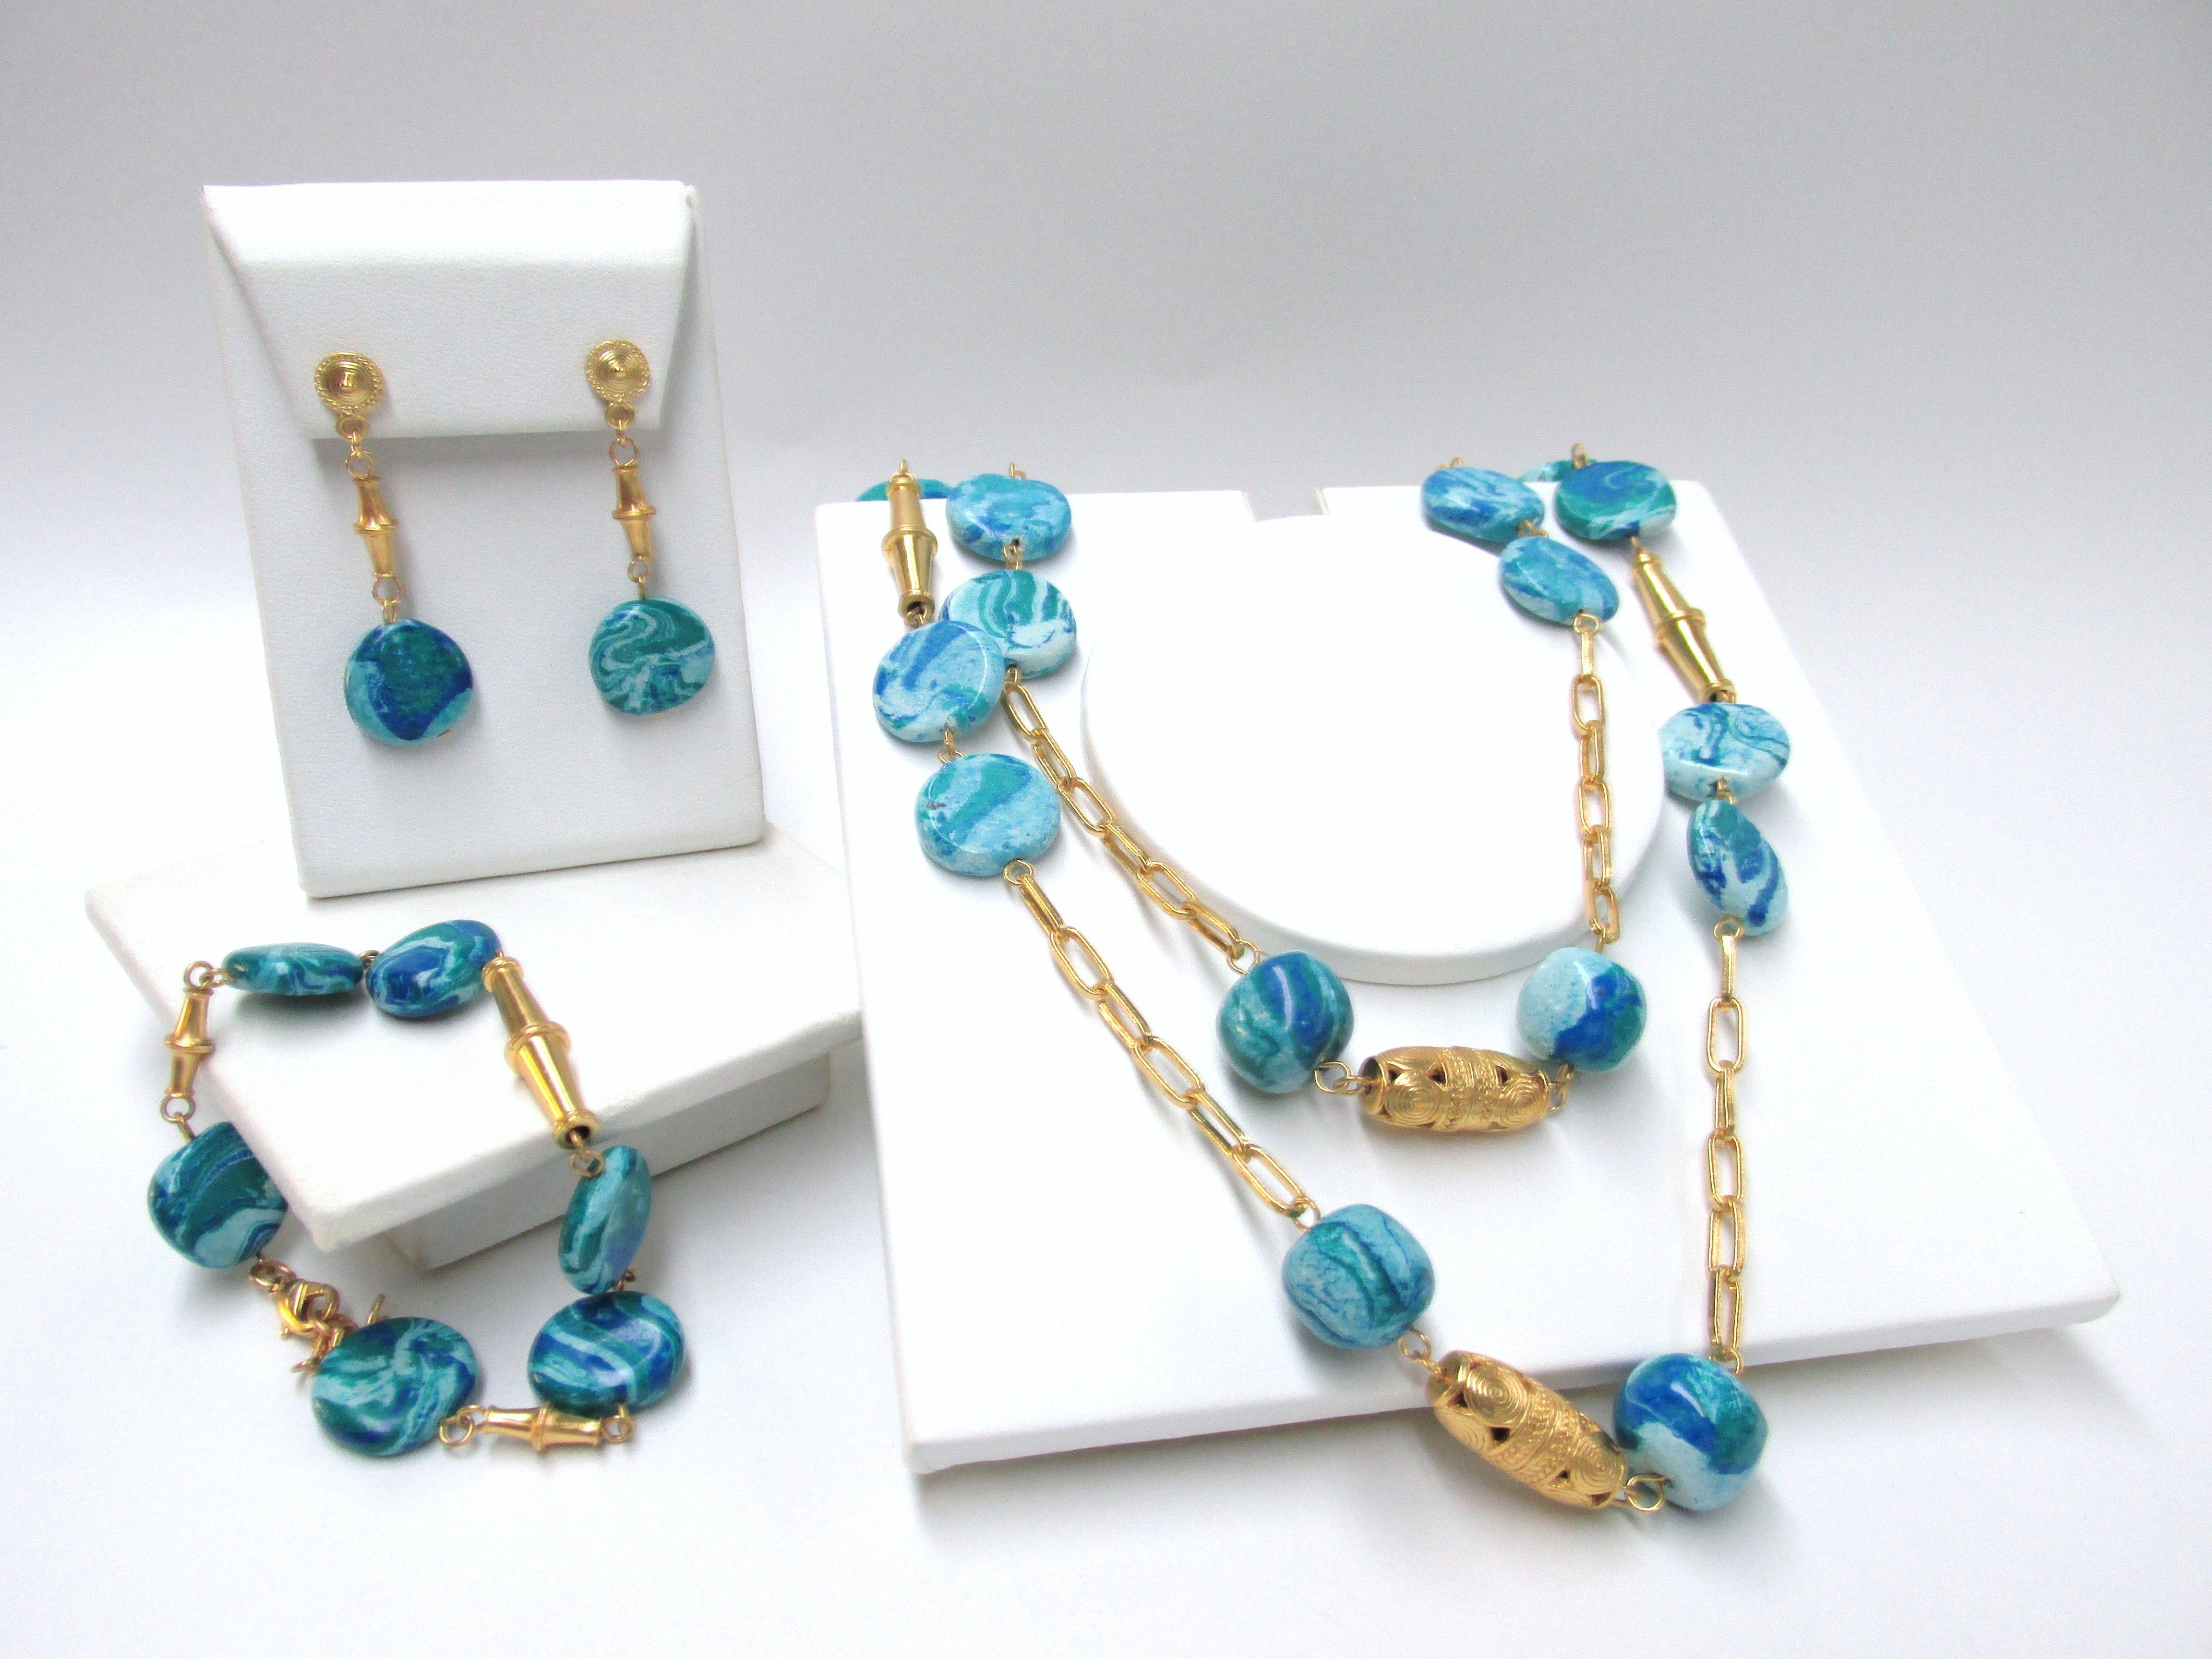 643357a7c2a1 Hermoso Juego de collar pulsera y aretes con piedra tairona agua marina y  enchape en oro